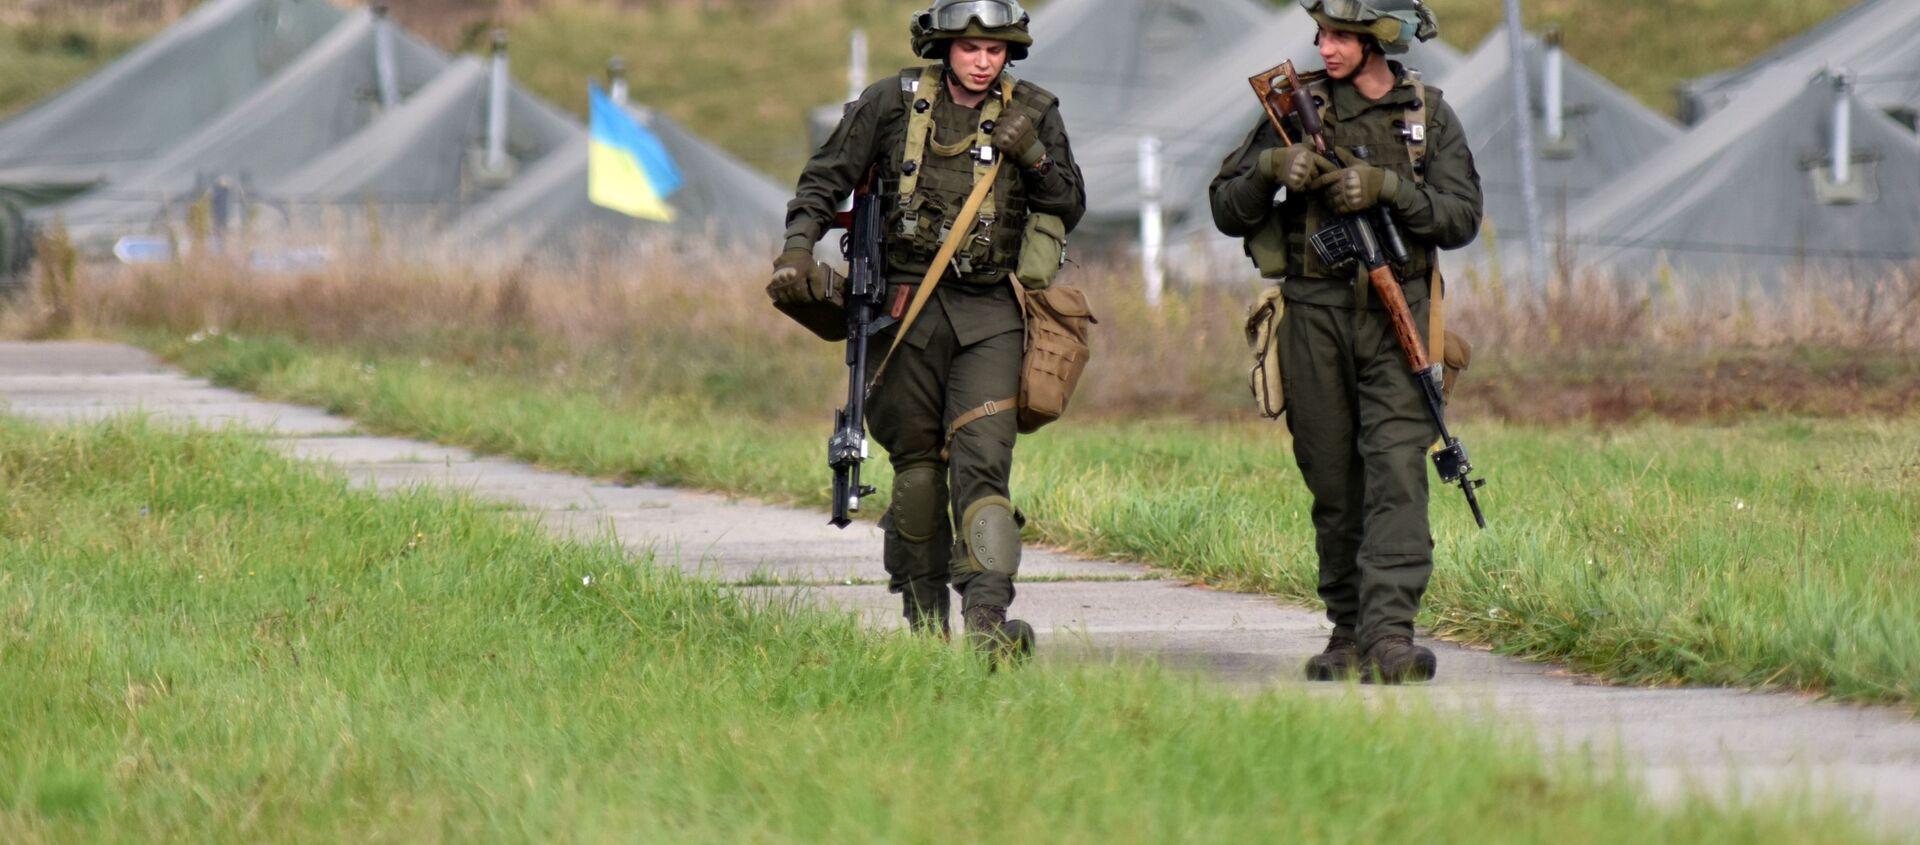 Ukraińscy żołnierze podczas wspólnych ćwiczeń wojskowych Rapid Trident-2020 Ukrainy i państw NATO. - Sputnik Polska, 1920, 10.06.2021